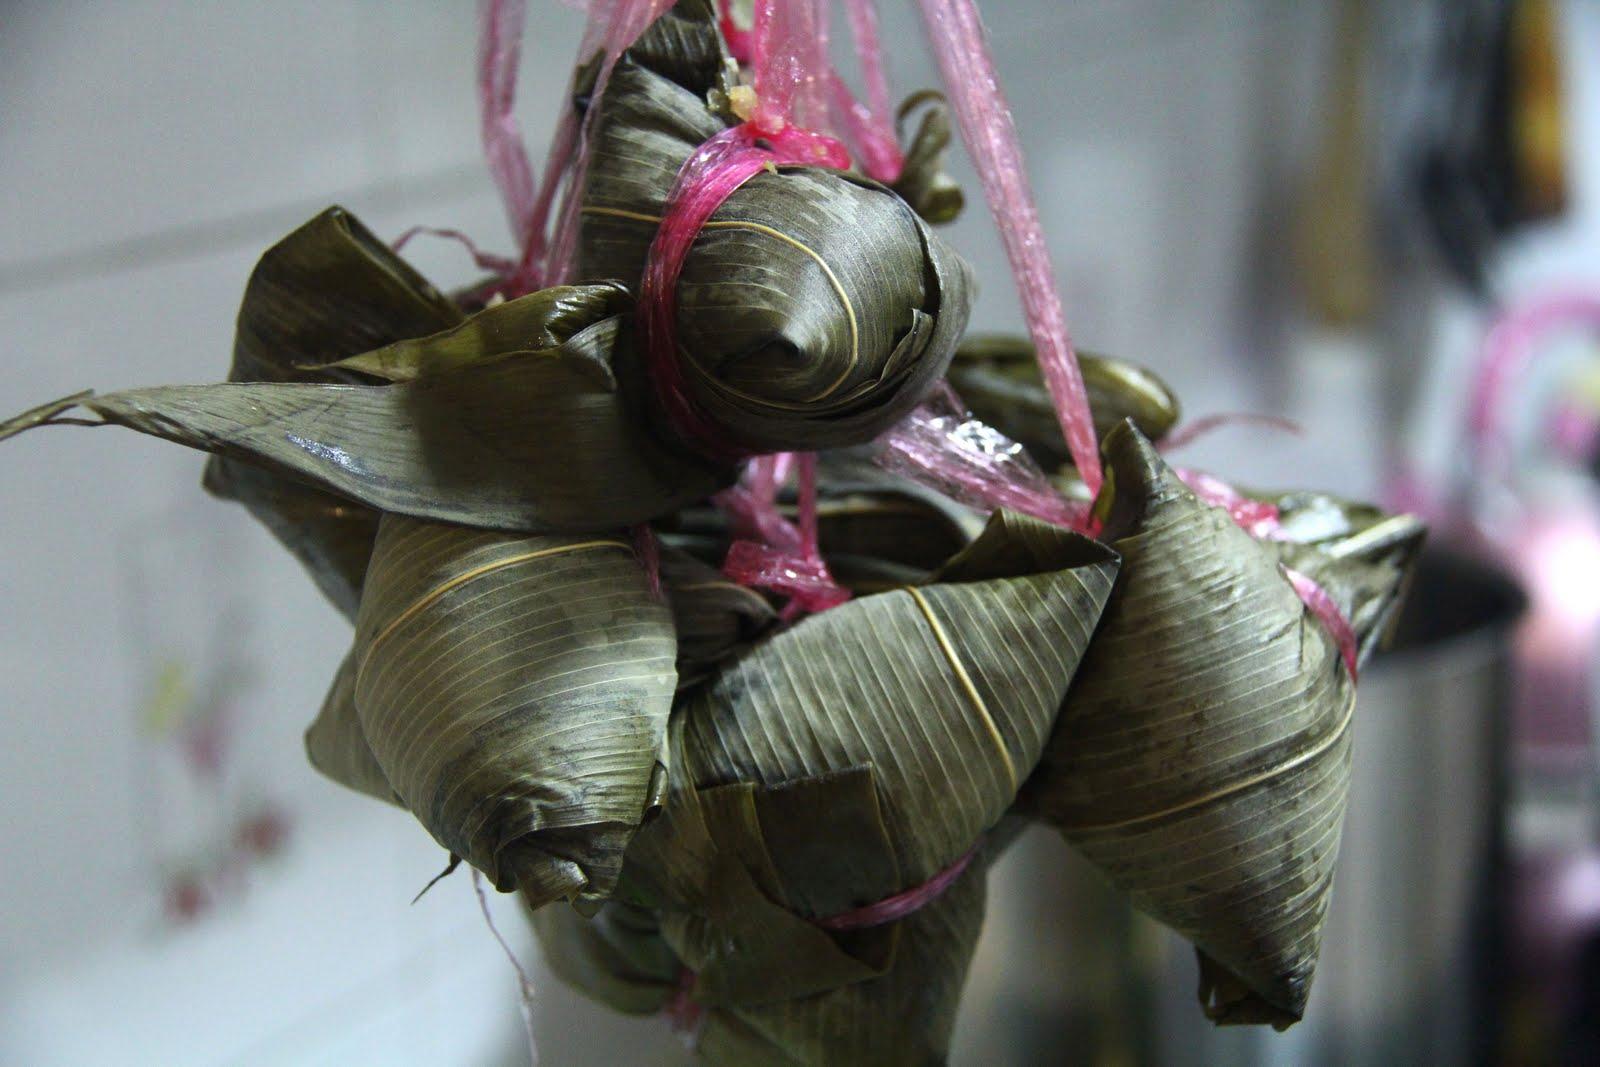 how to make festival dumplings